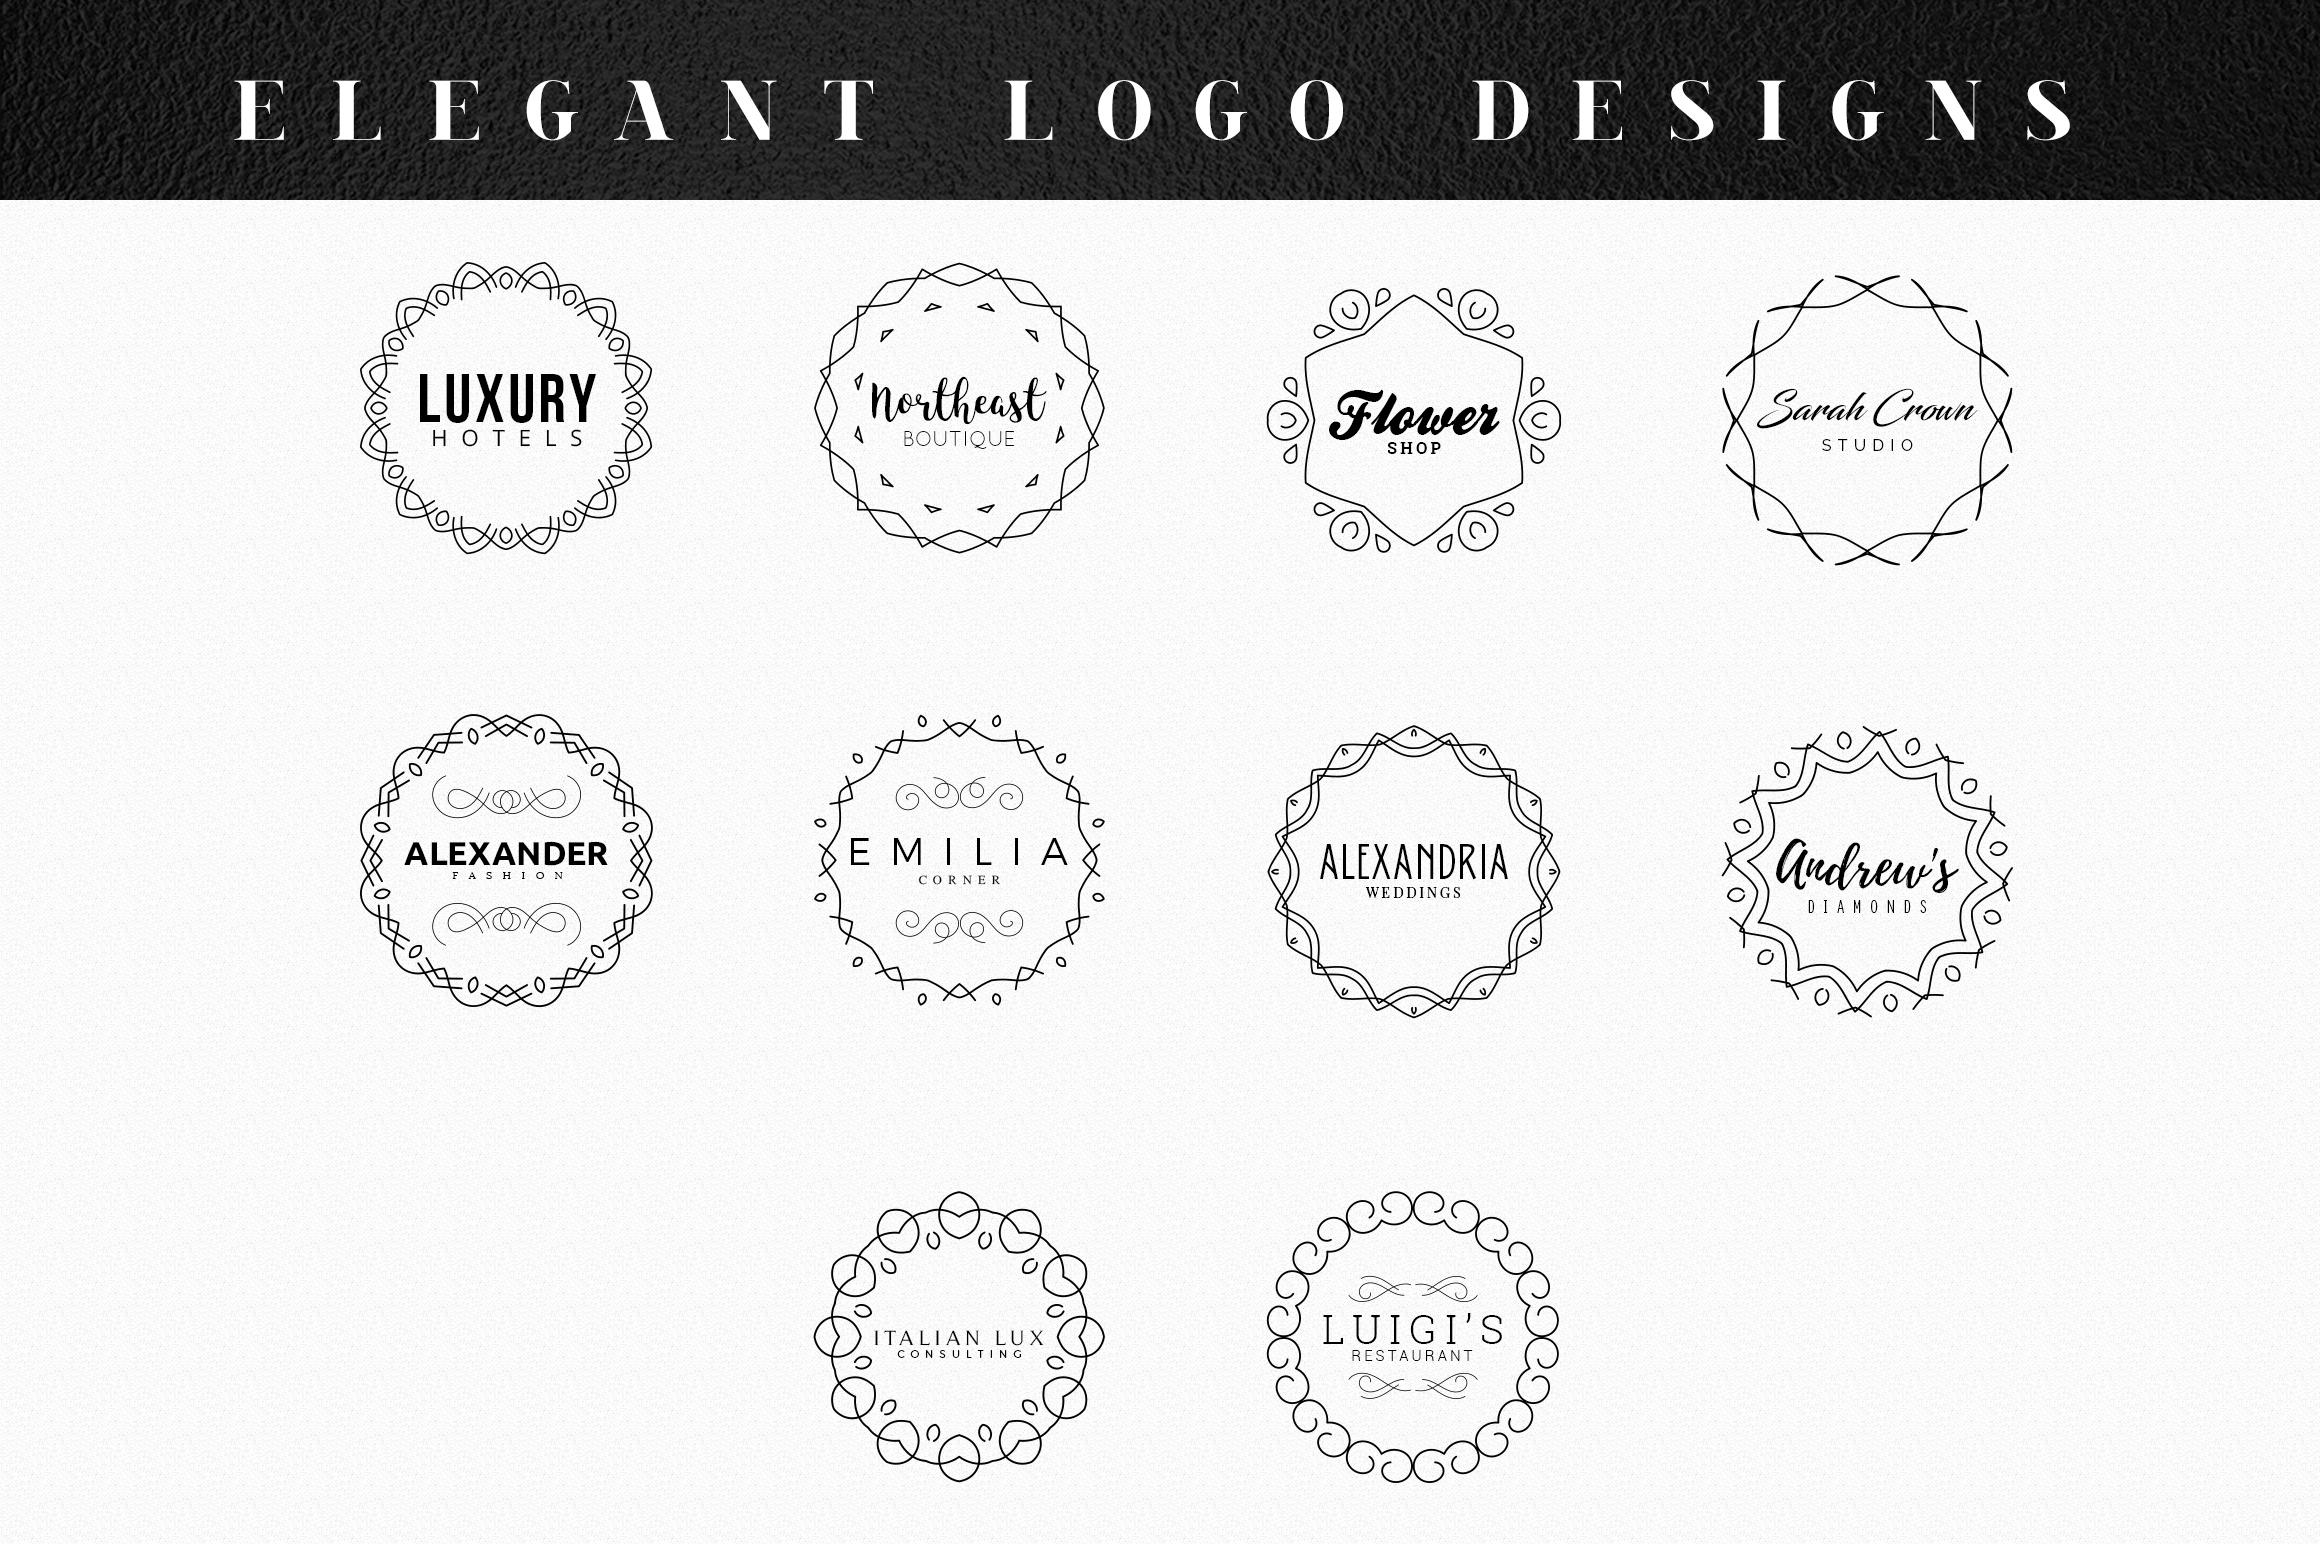 10 Elegant Logo Designs example image 2